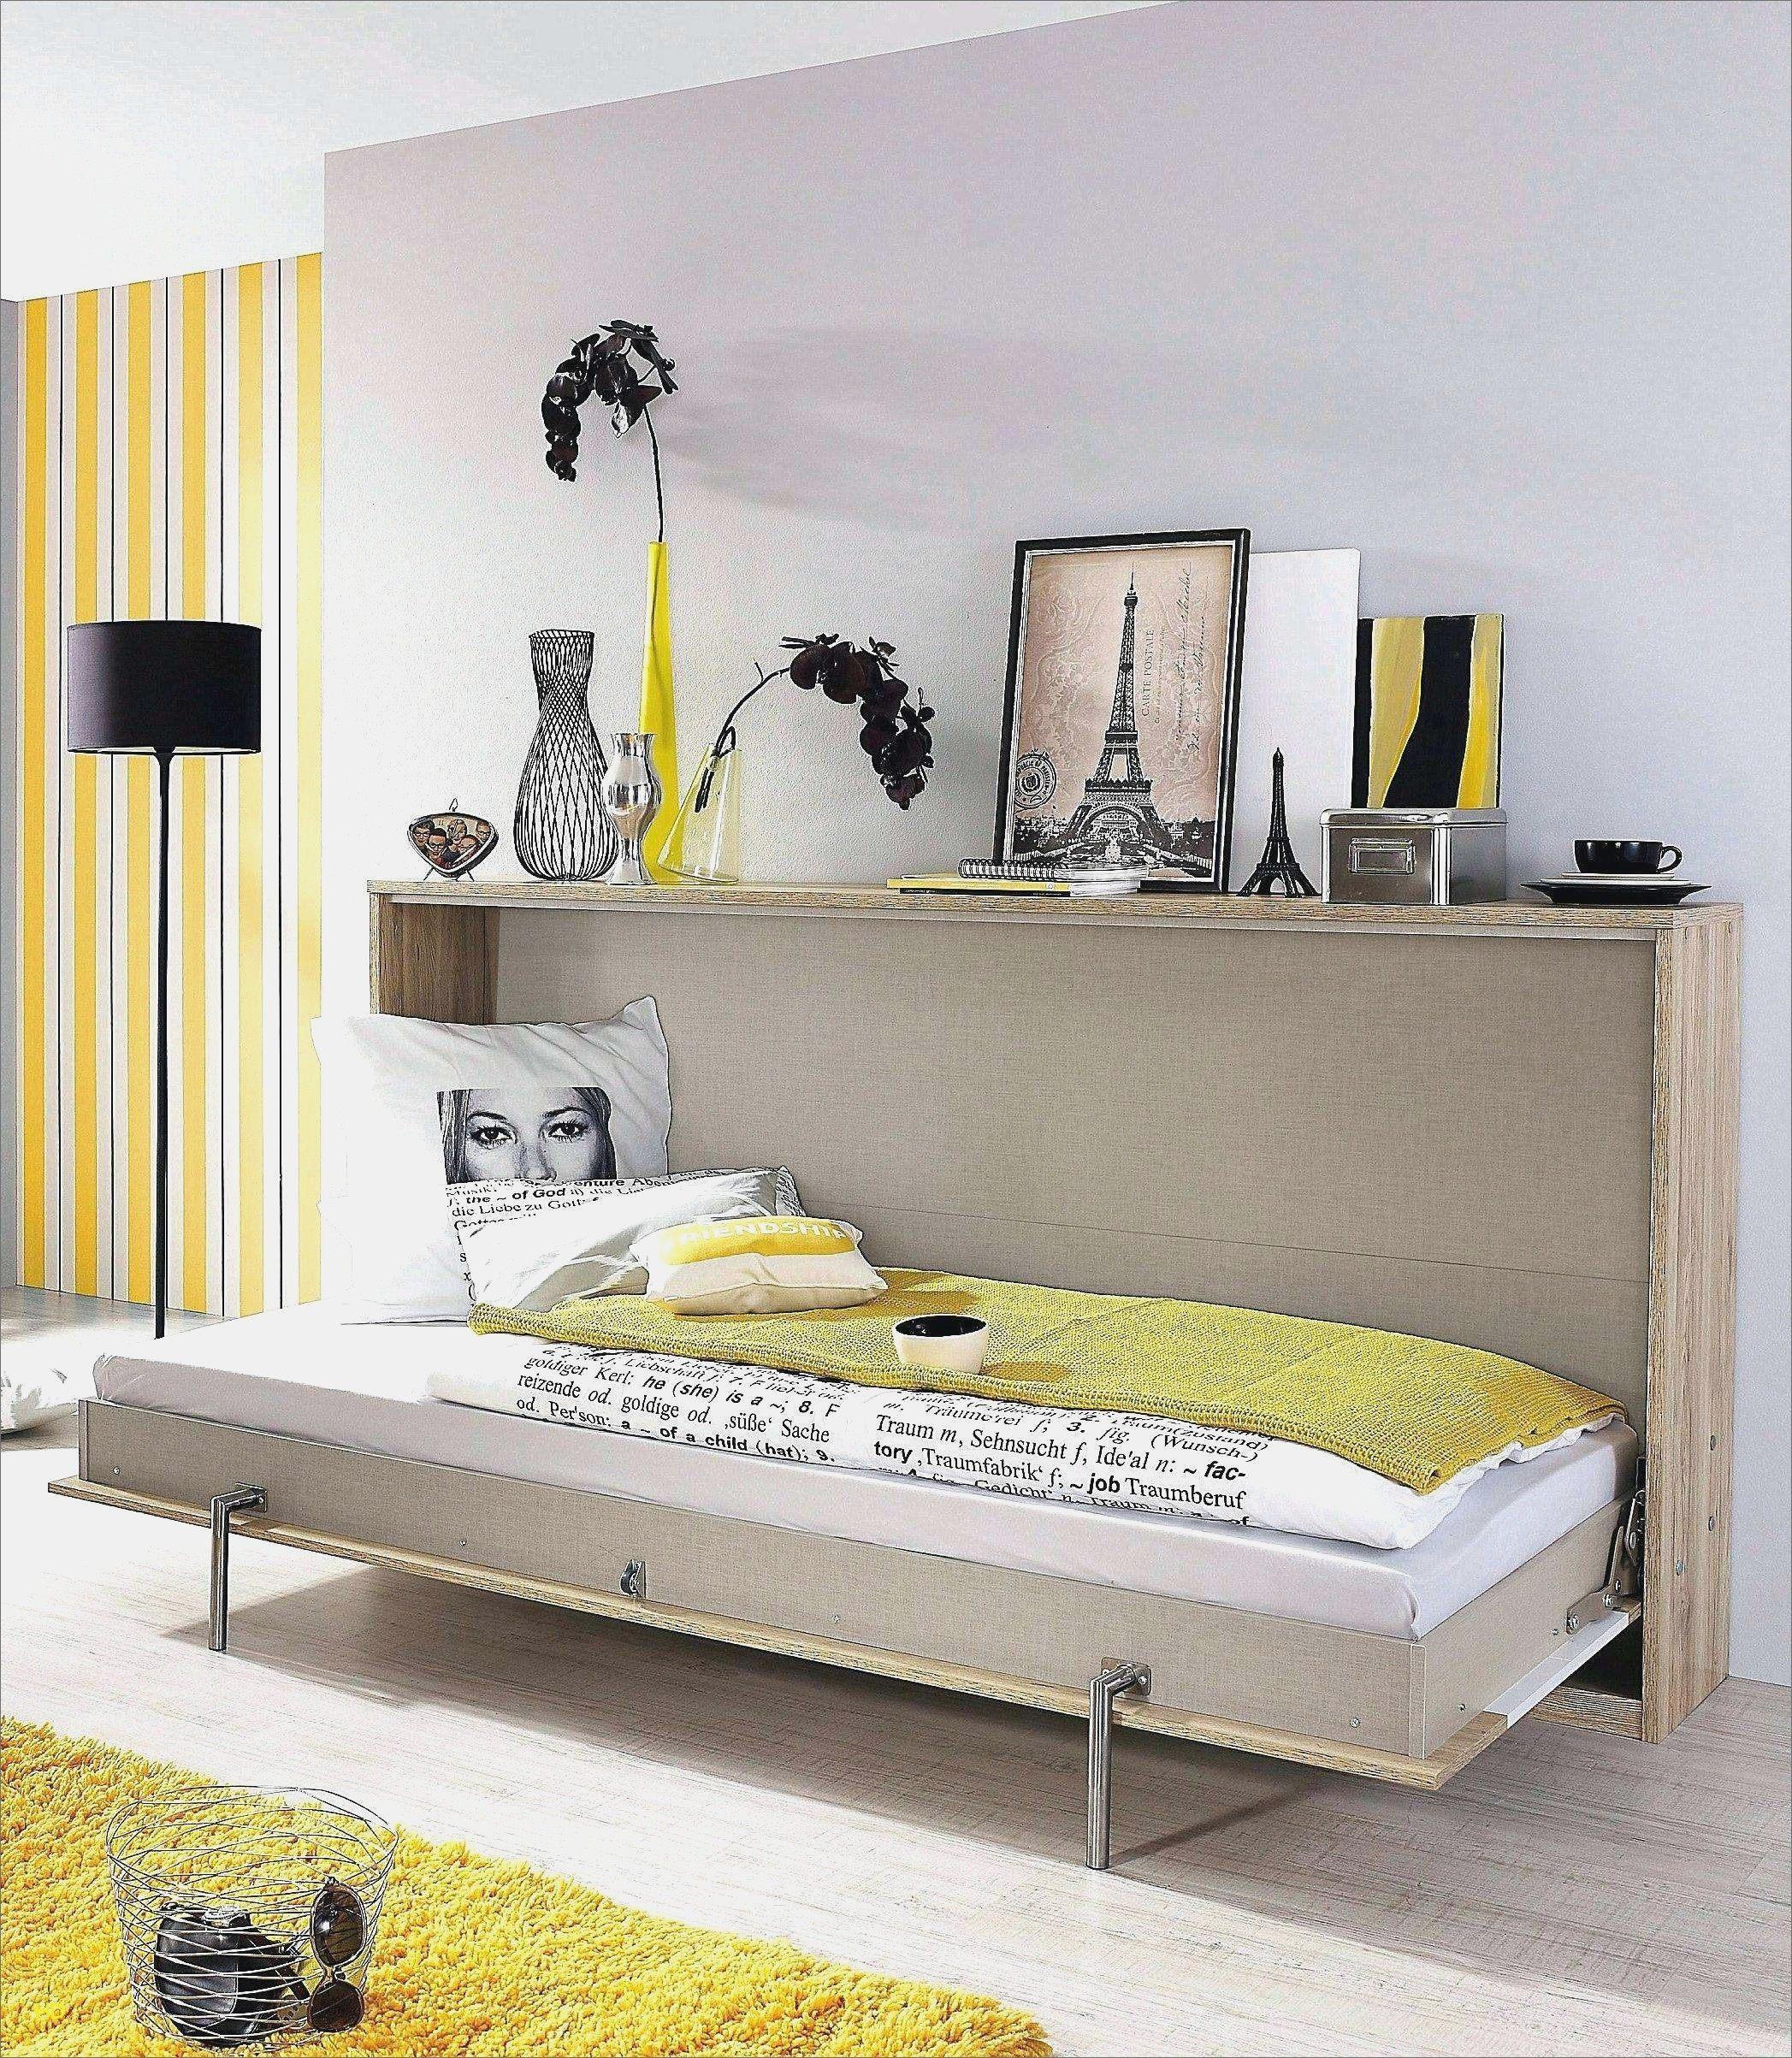 Lit Pas Cher 1 Place Nouveau Bz 1 Place Pas Cher Luxe Lit Convertible 2 Places Ikea Ikea Lit